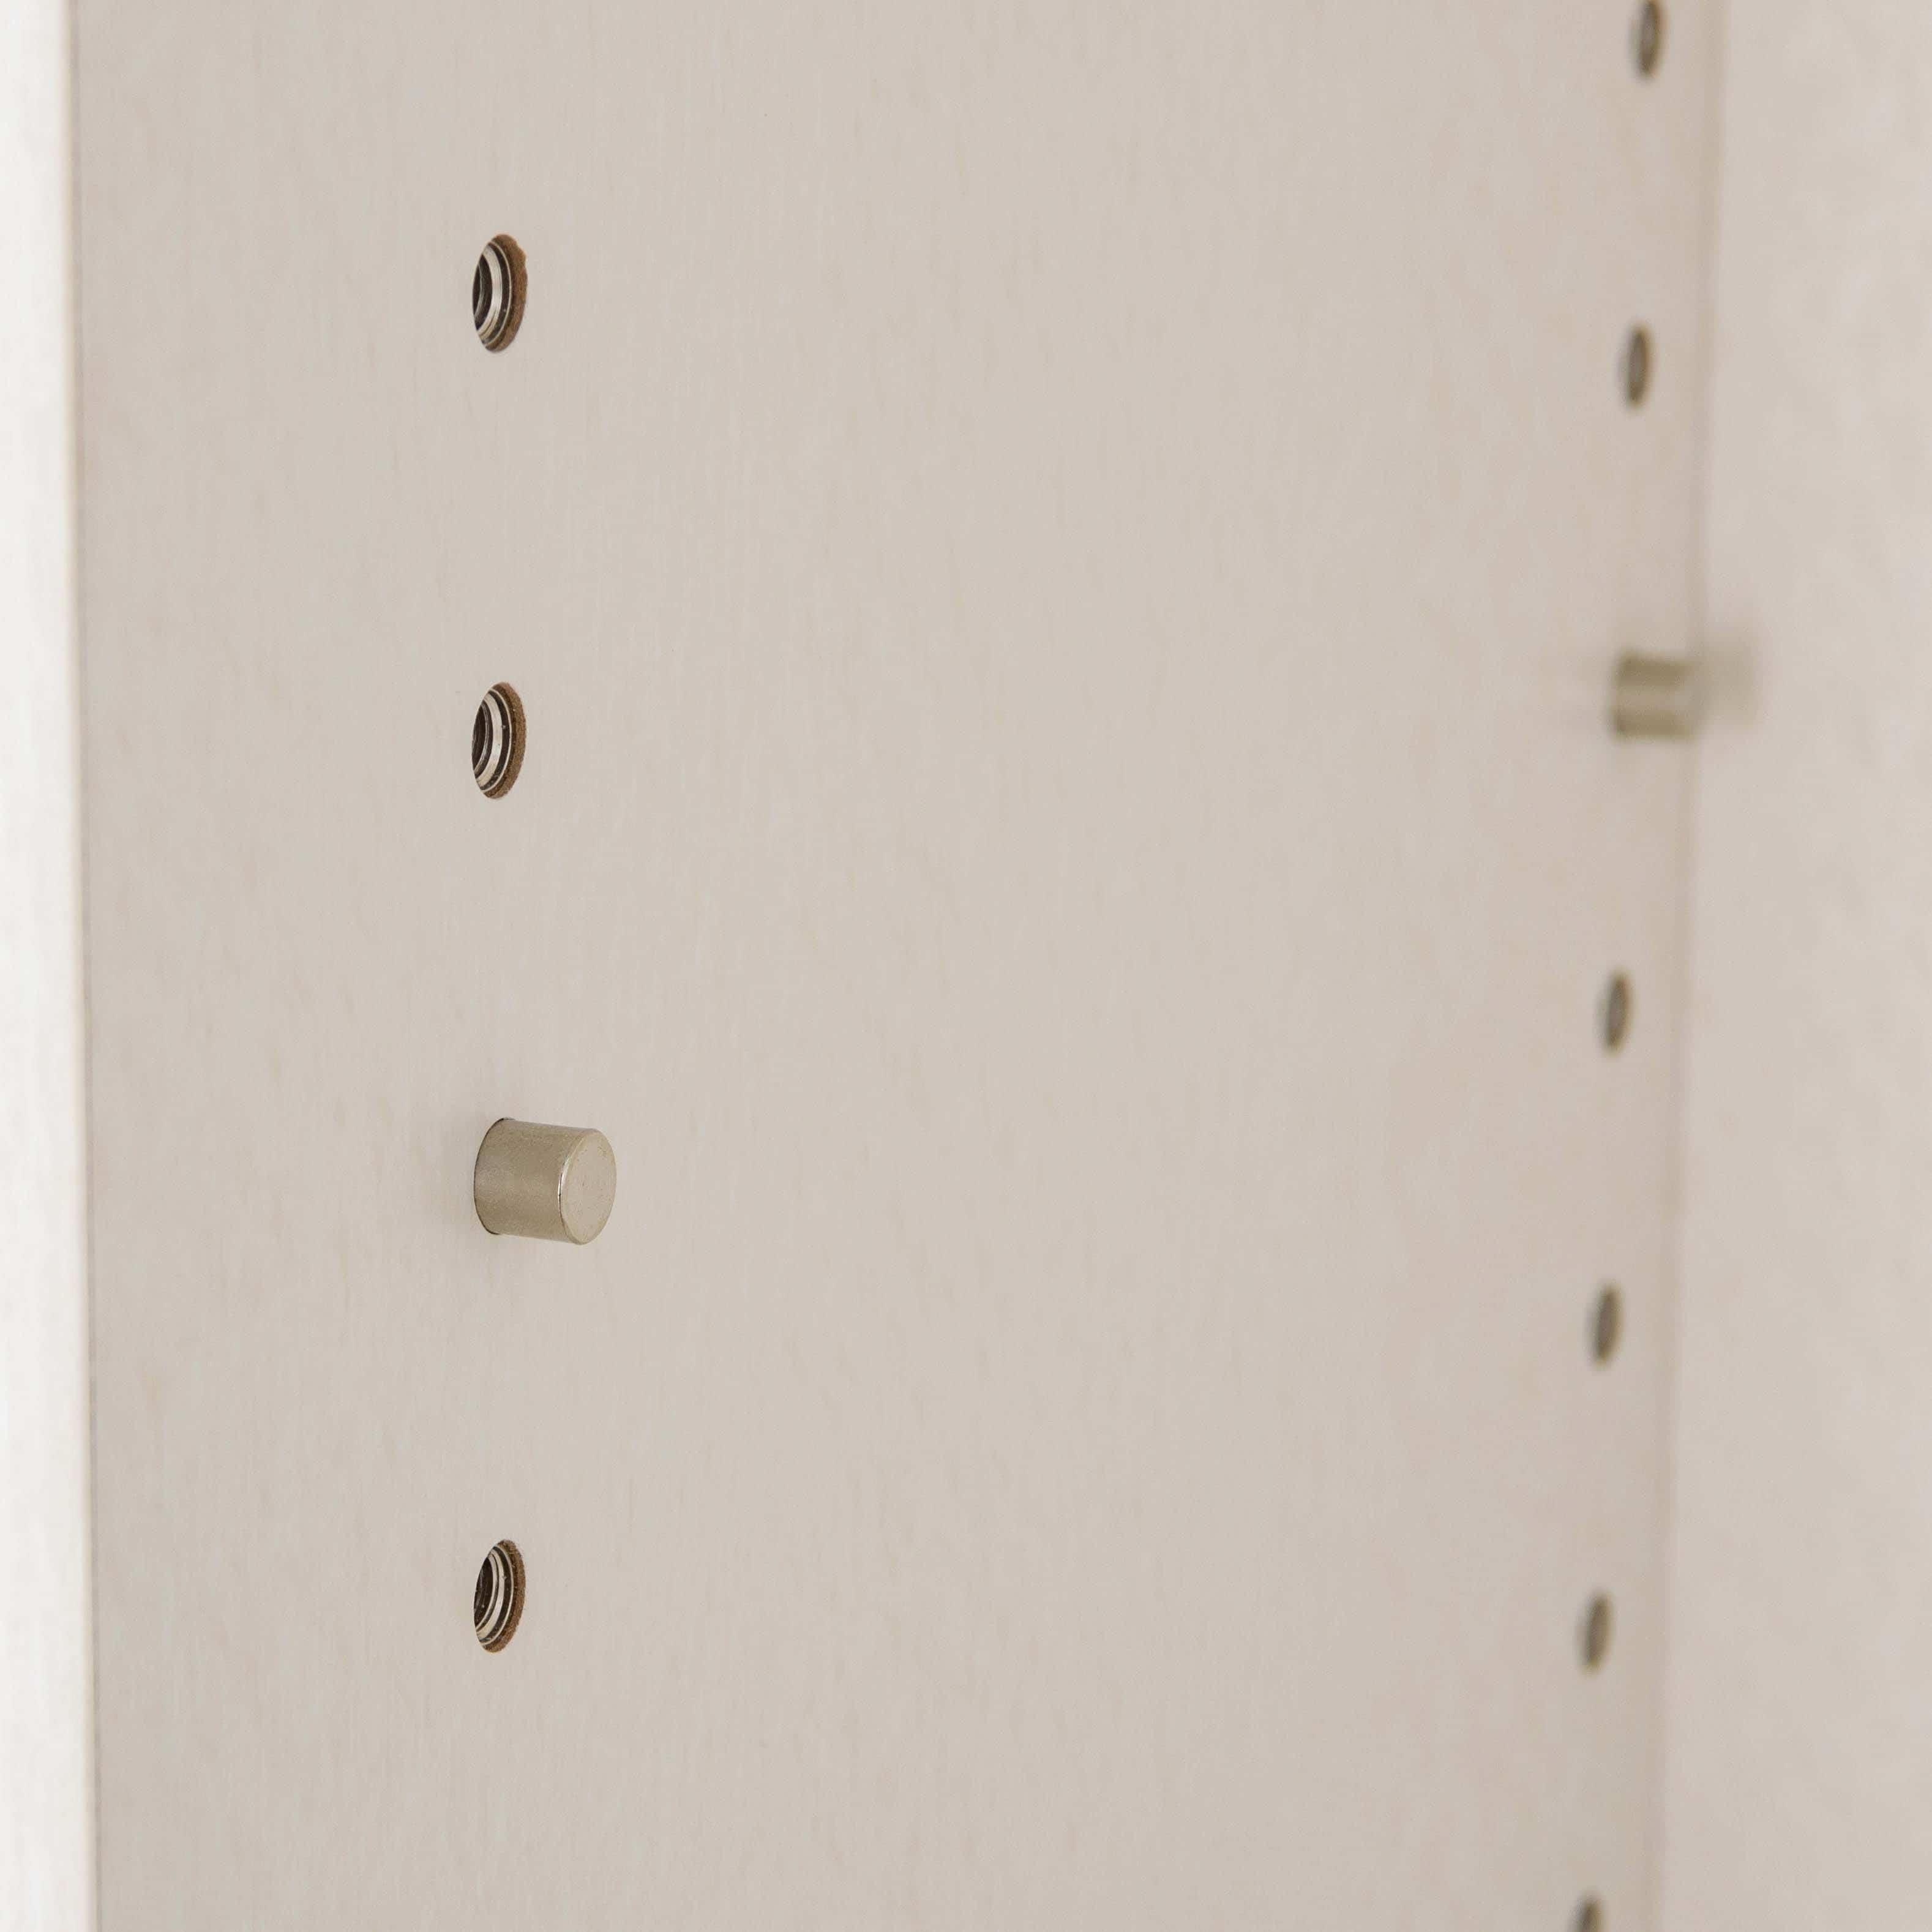 小島工芸 書棚 アコード60L(ウォールモカ):キレイに収まる魅せる収納